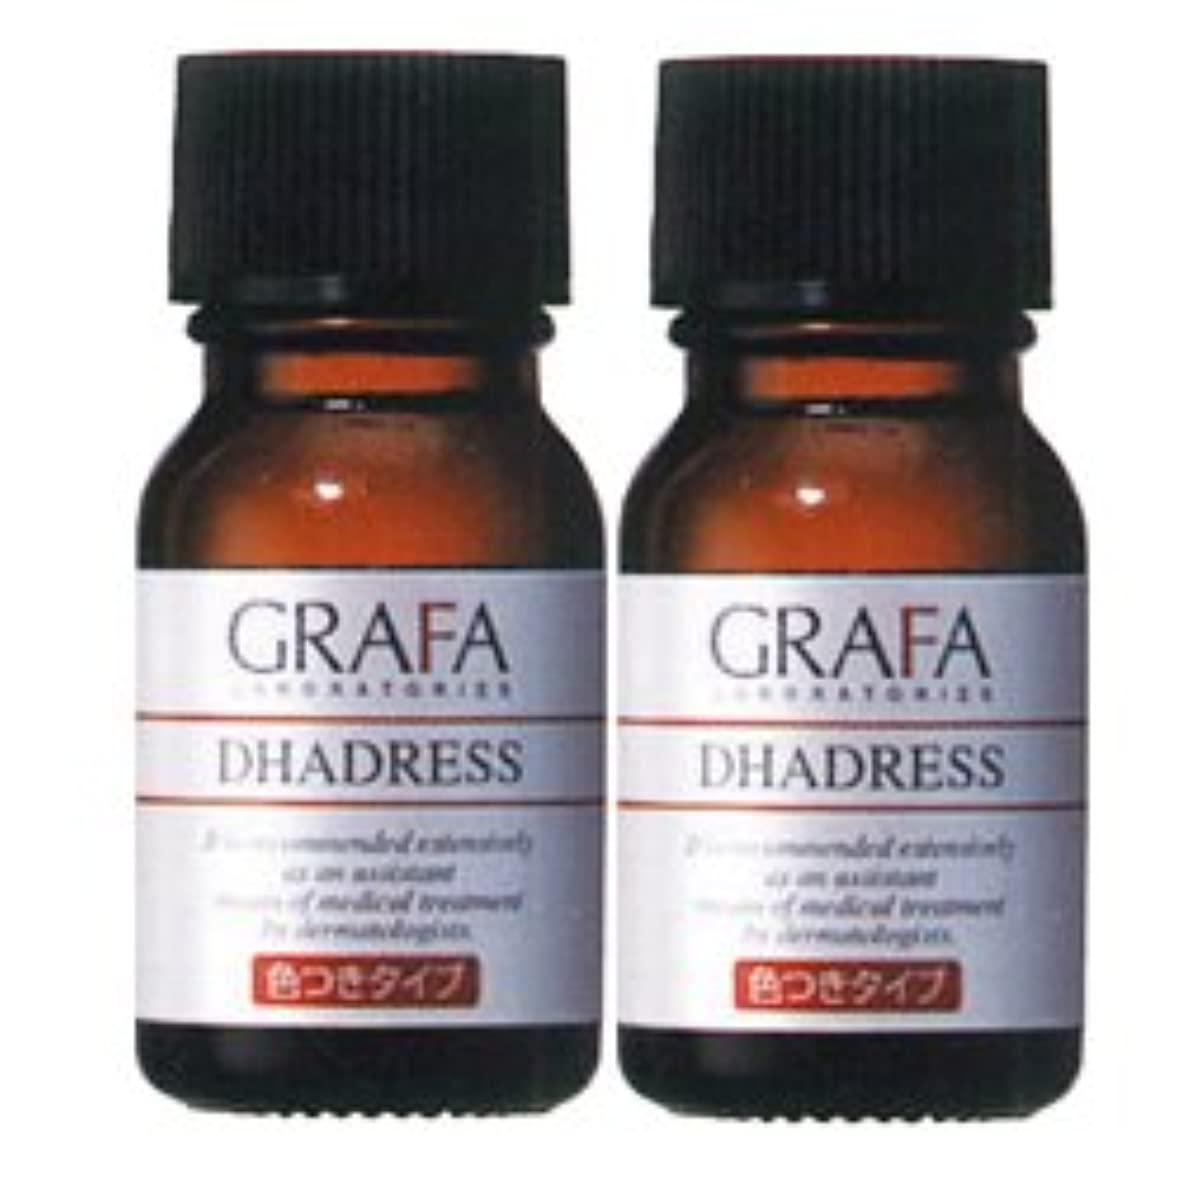 感謝バトルバイバイグラファ ダドレスC (色つきタイプ) 11mL×2本 着色用化粧水 GRAFA DHADRESS